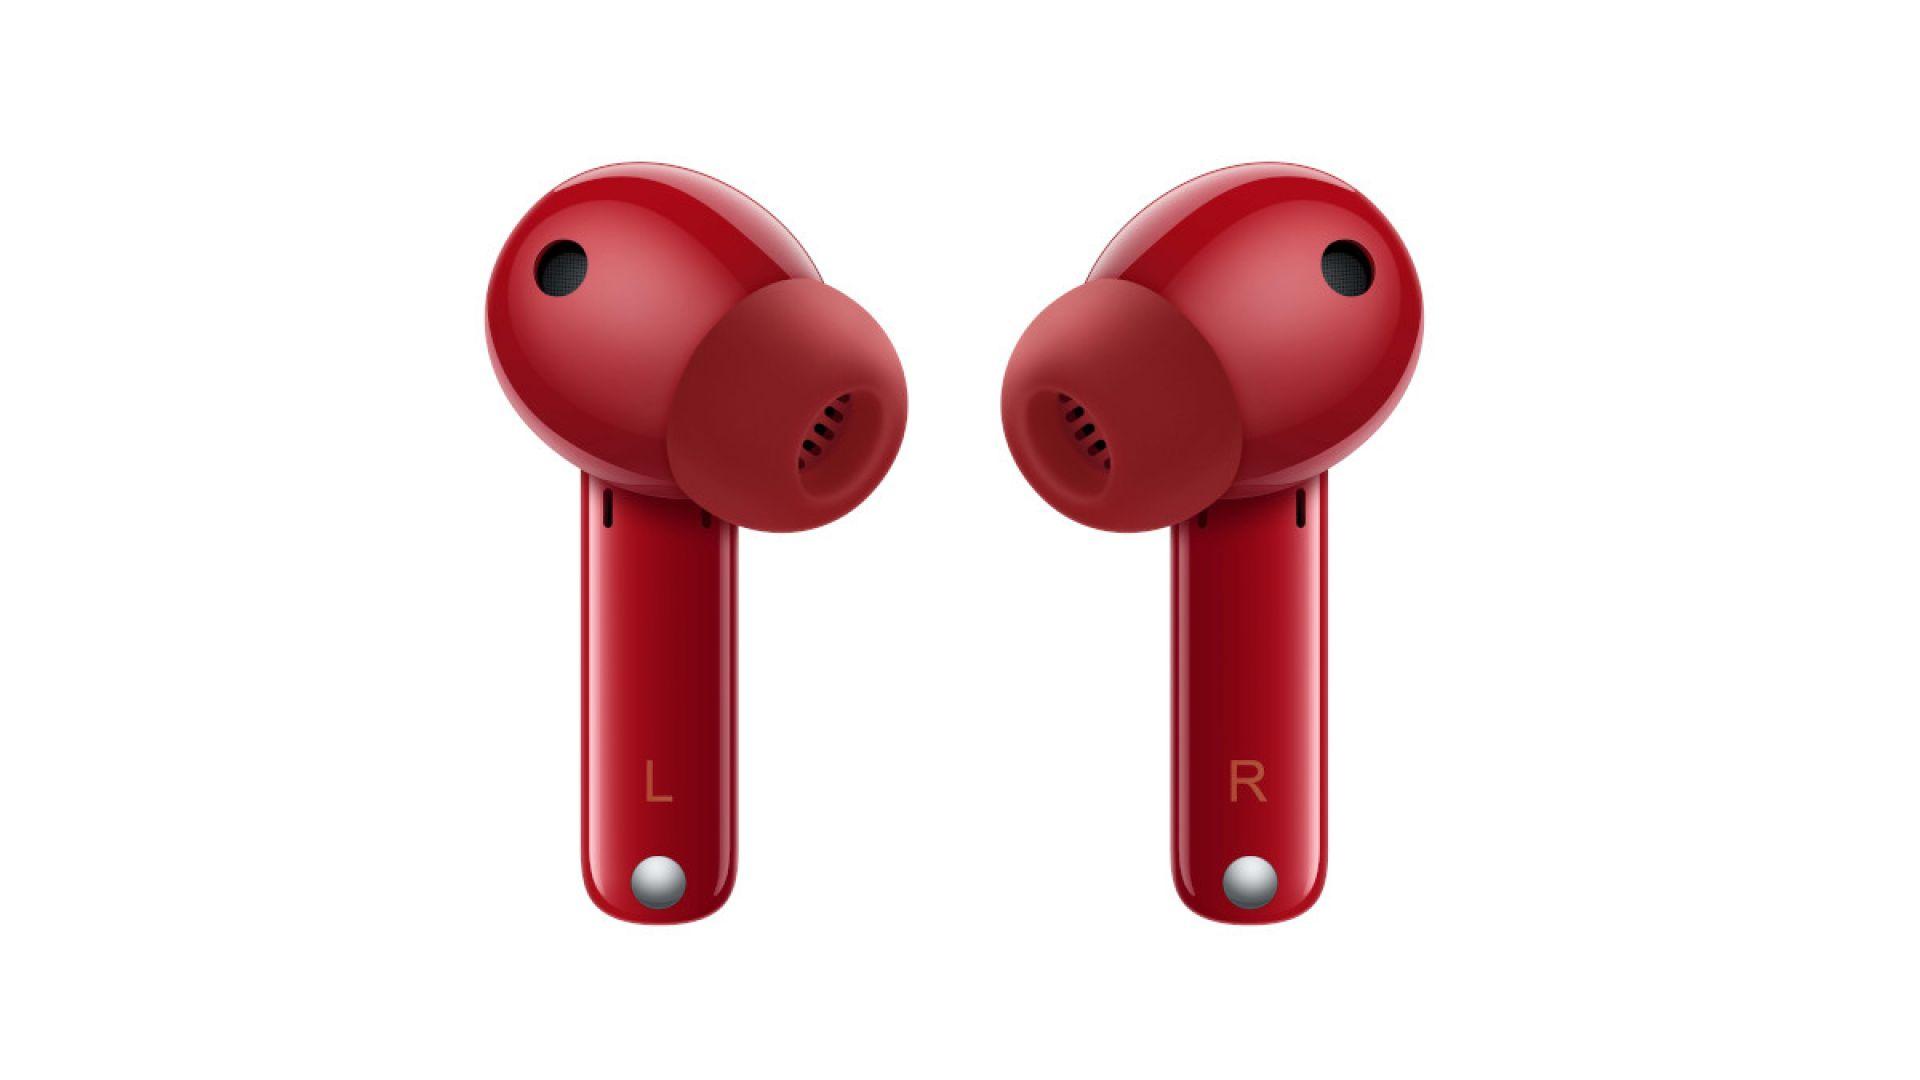 Нuаwеі FrееВudѕ 4і вадят много добър звук, запазващ максимално качество в различните музикални стилове